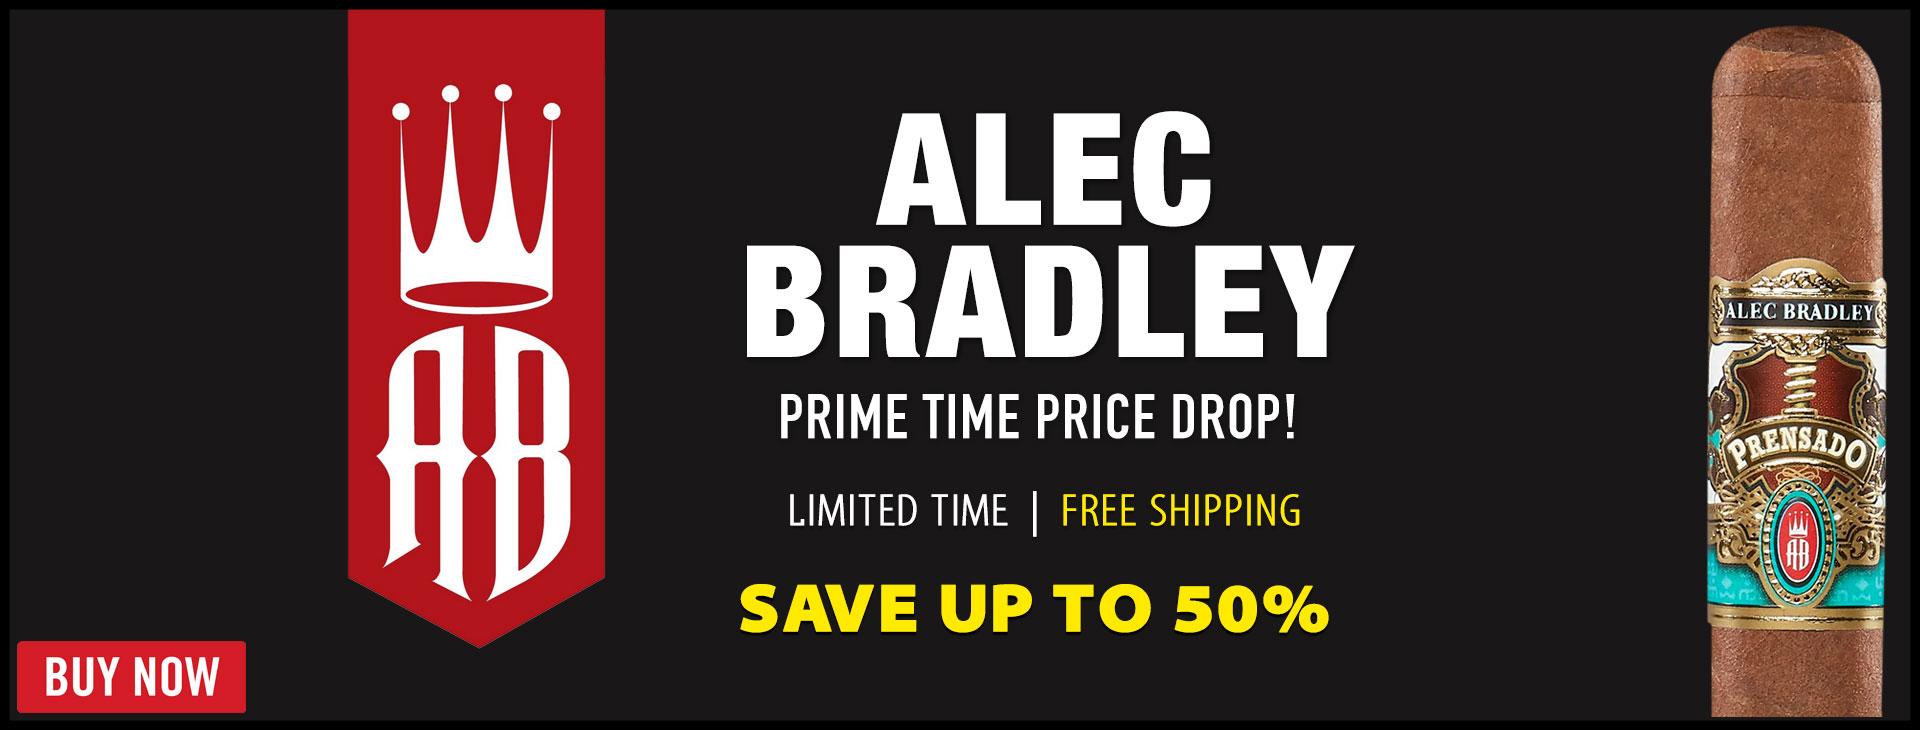 alec-bradley-prime-time-2021-banner.jpg